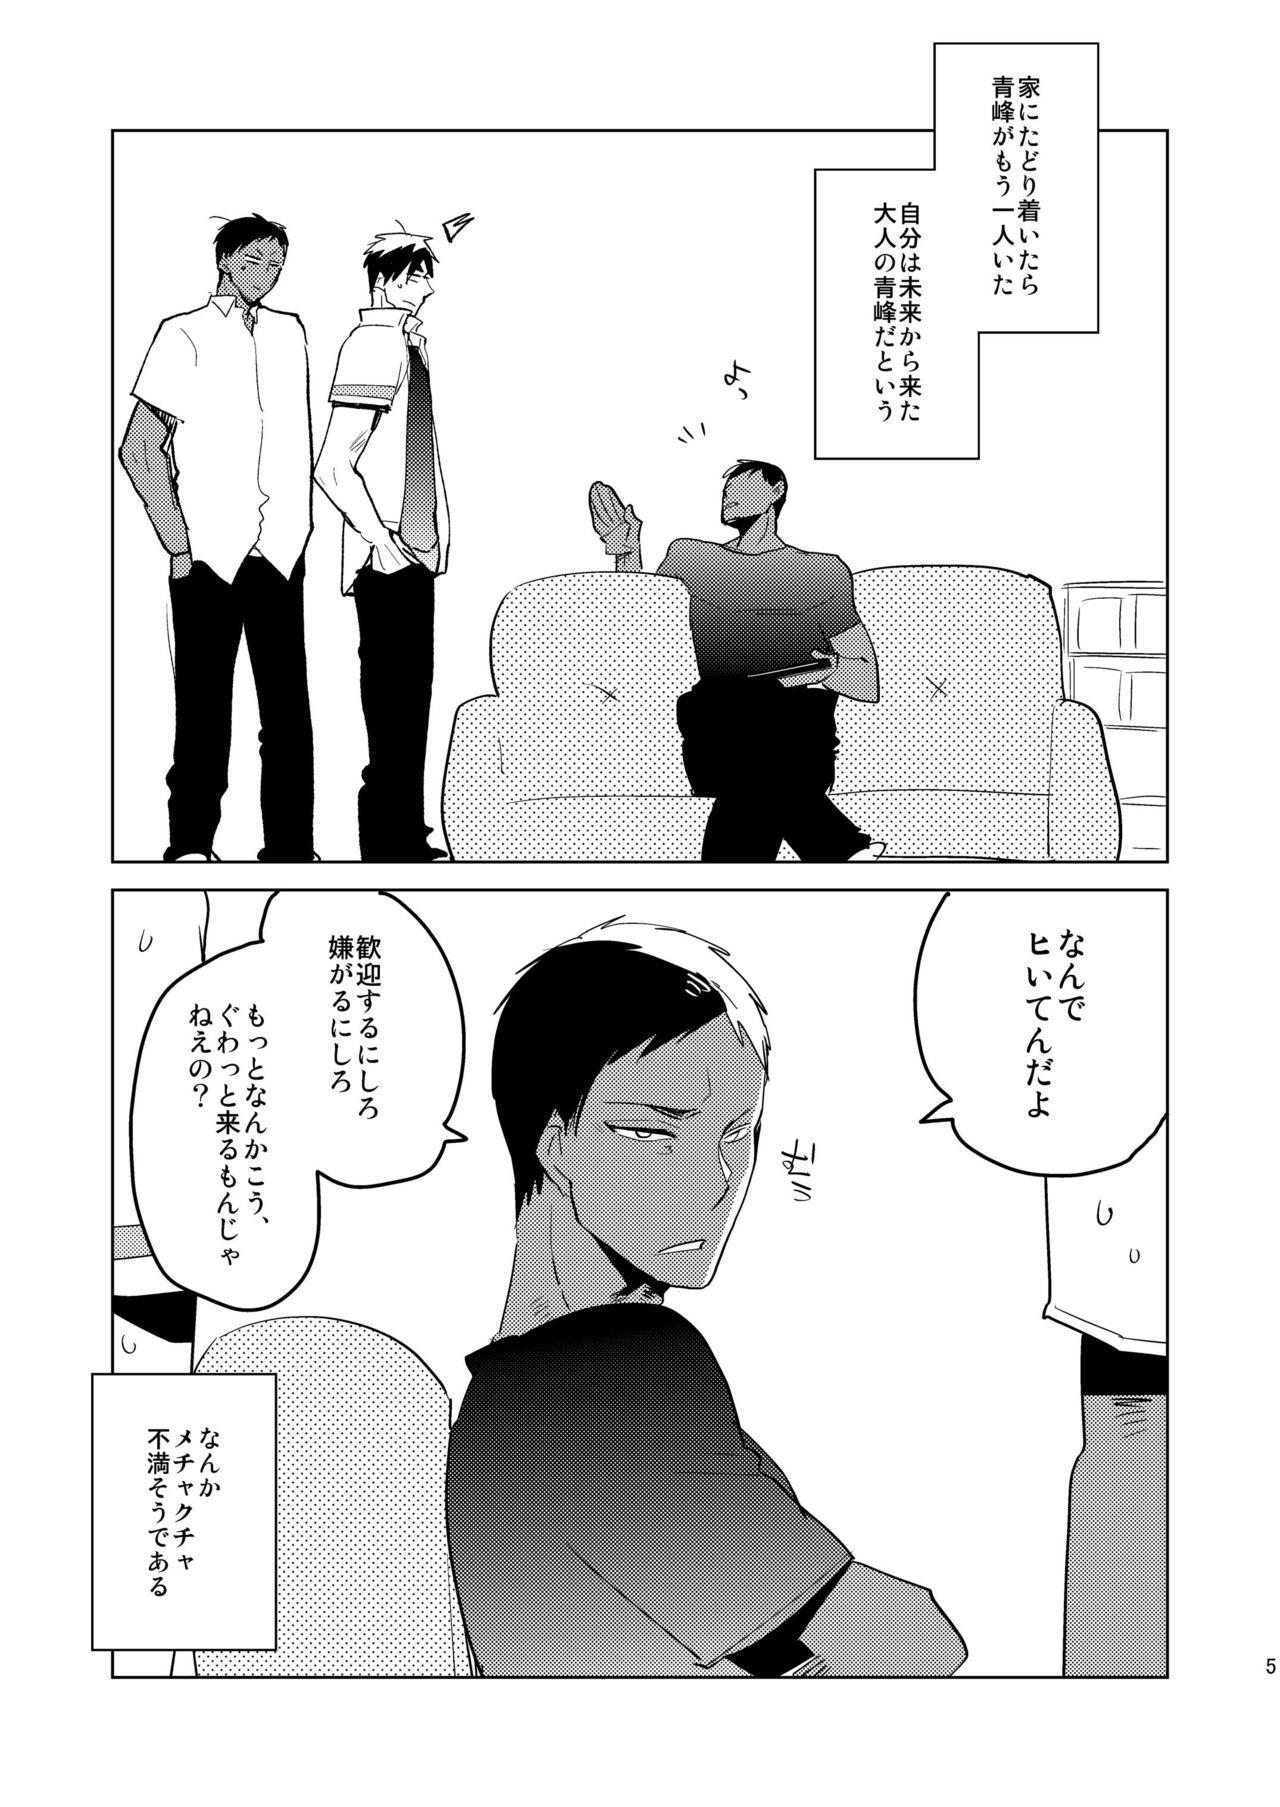 [archea (Sasagawa Nagaru)] Otona no Aomine-kun to (Seiteki ni) Asobou (Kuroko no Basuke) [Digital] 3